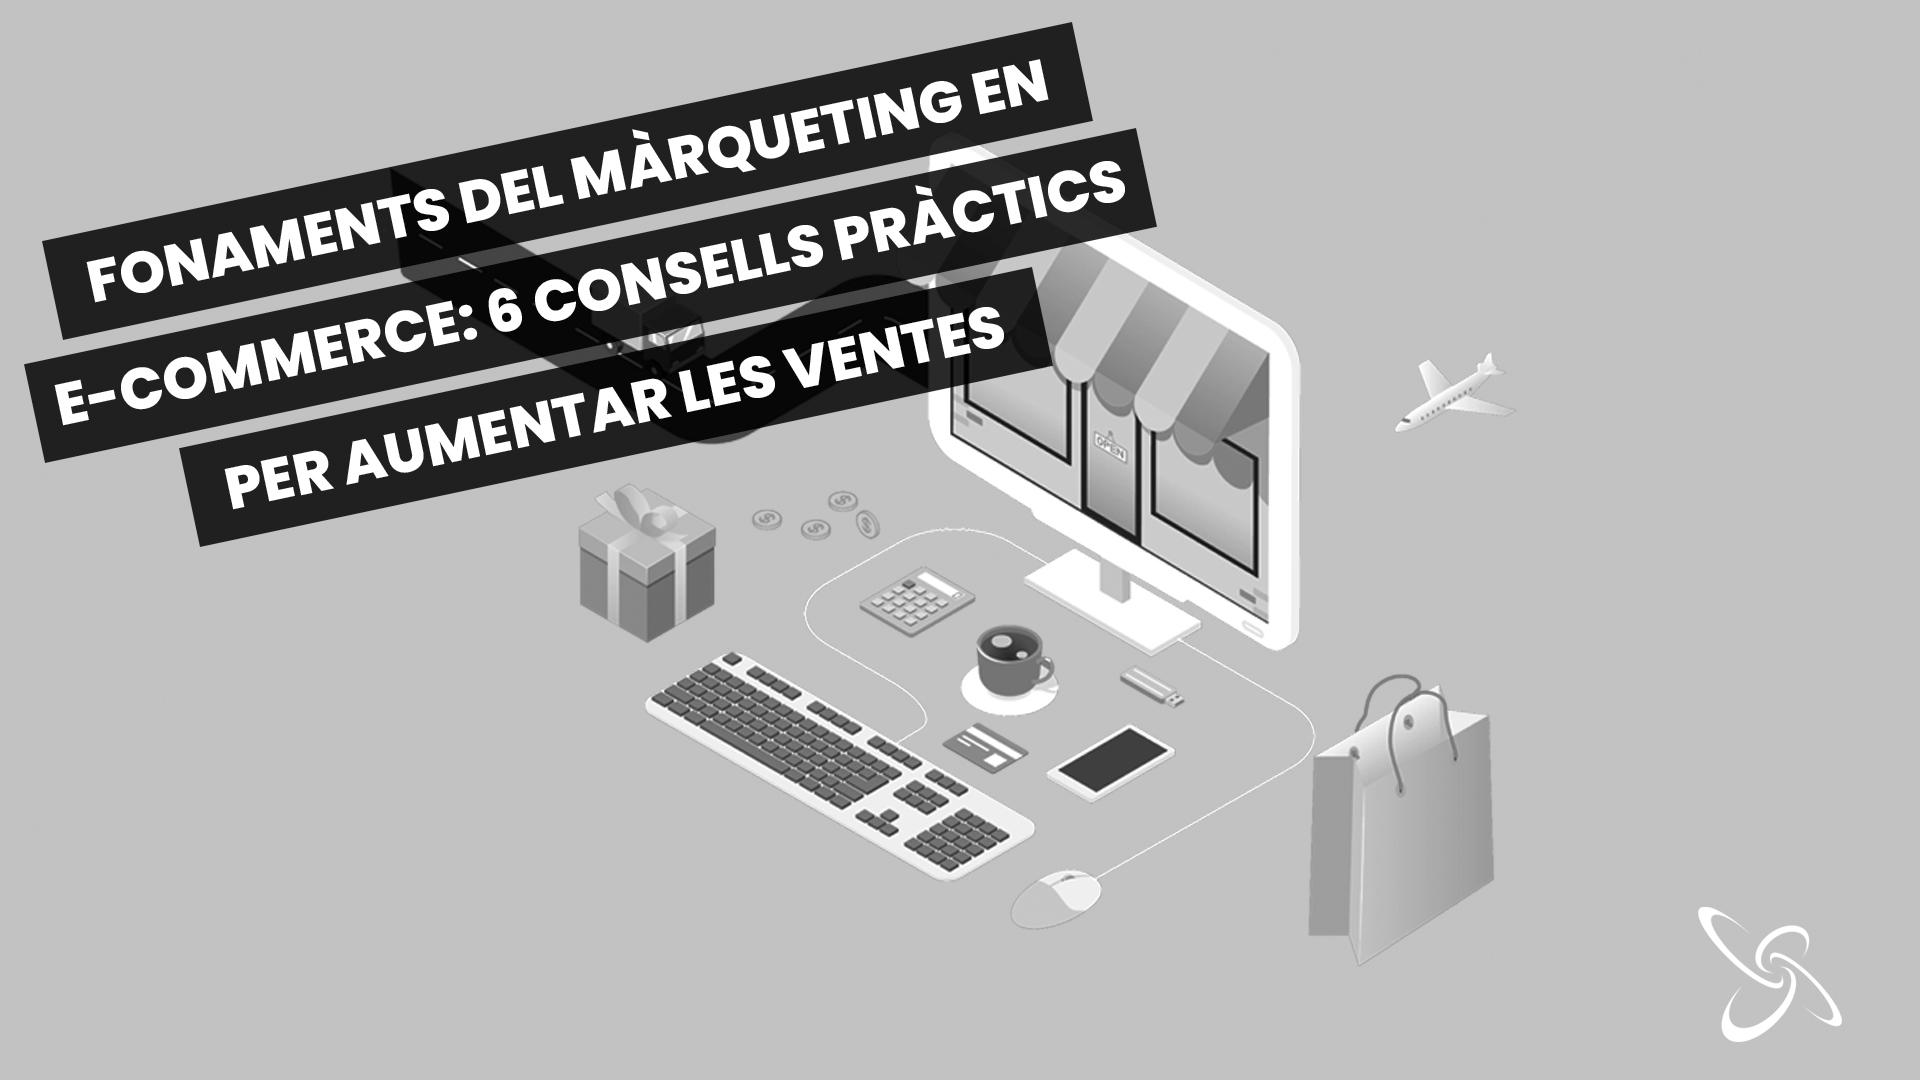 fonaments del màrqueting en e-commerce: 6 consells pràctics per aumentar les vendes